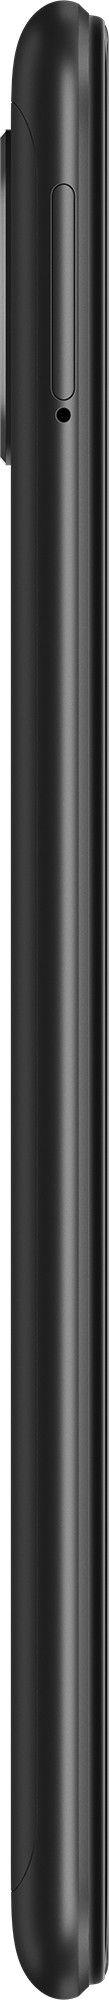 Смартфон Xiaomi Redmi Note 6 Pro 3/32GB Black от Територія твоєї техніки - 3